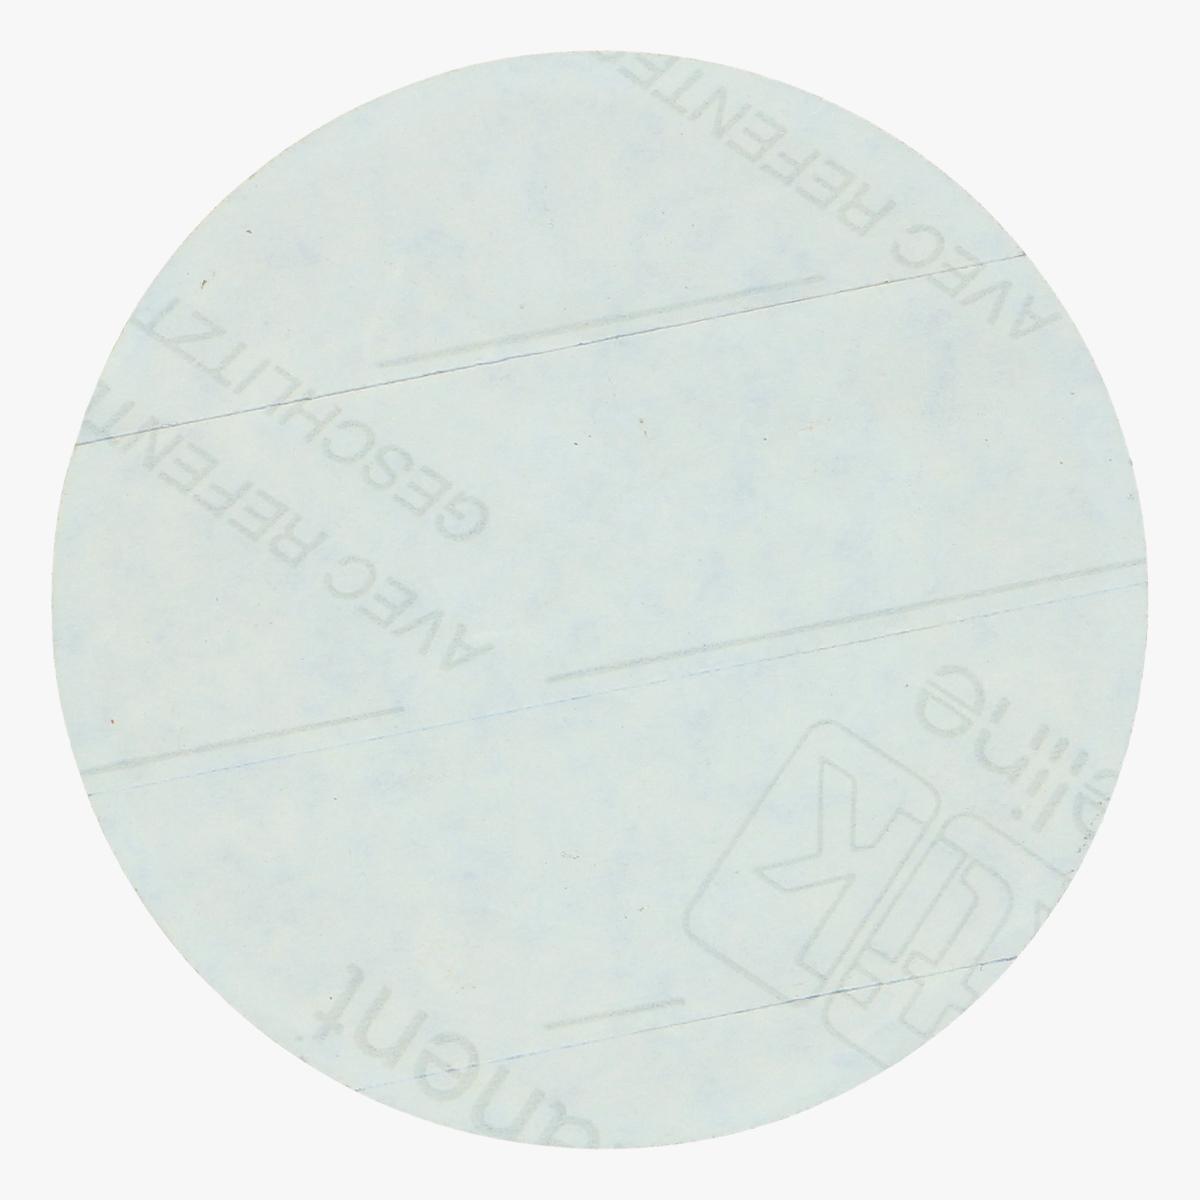 Afbeeldingen van sticker c.e.c. givet commando aguerrissement